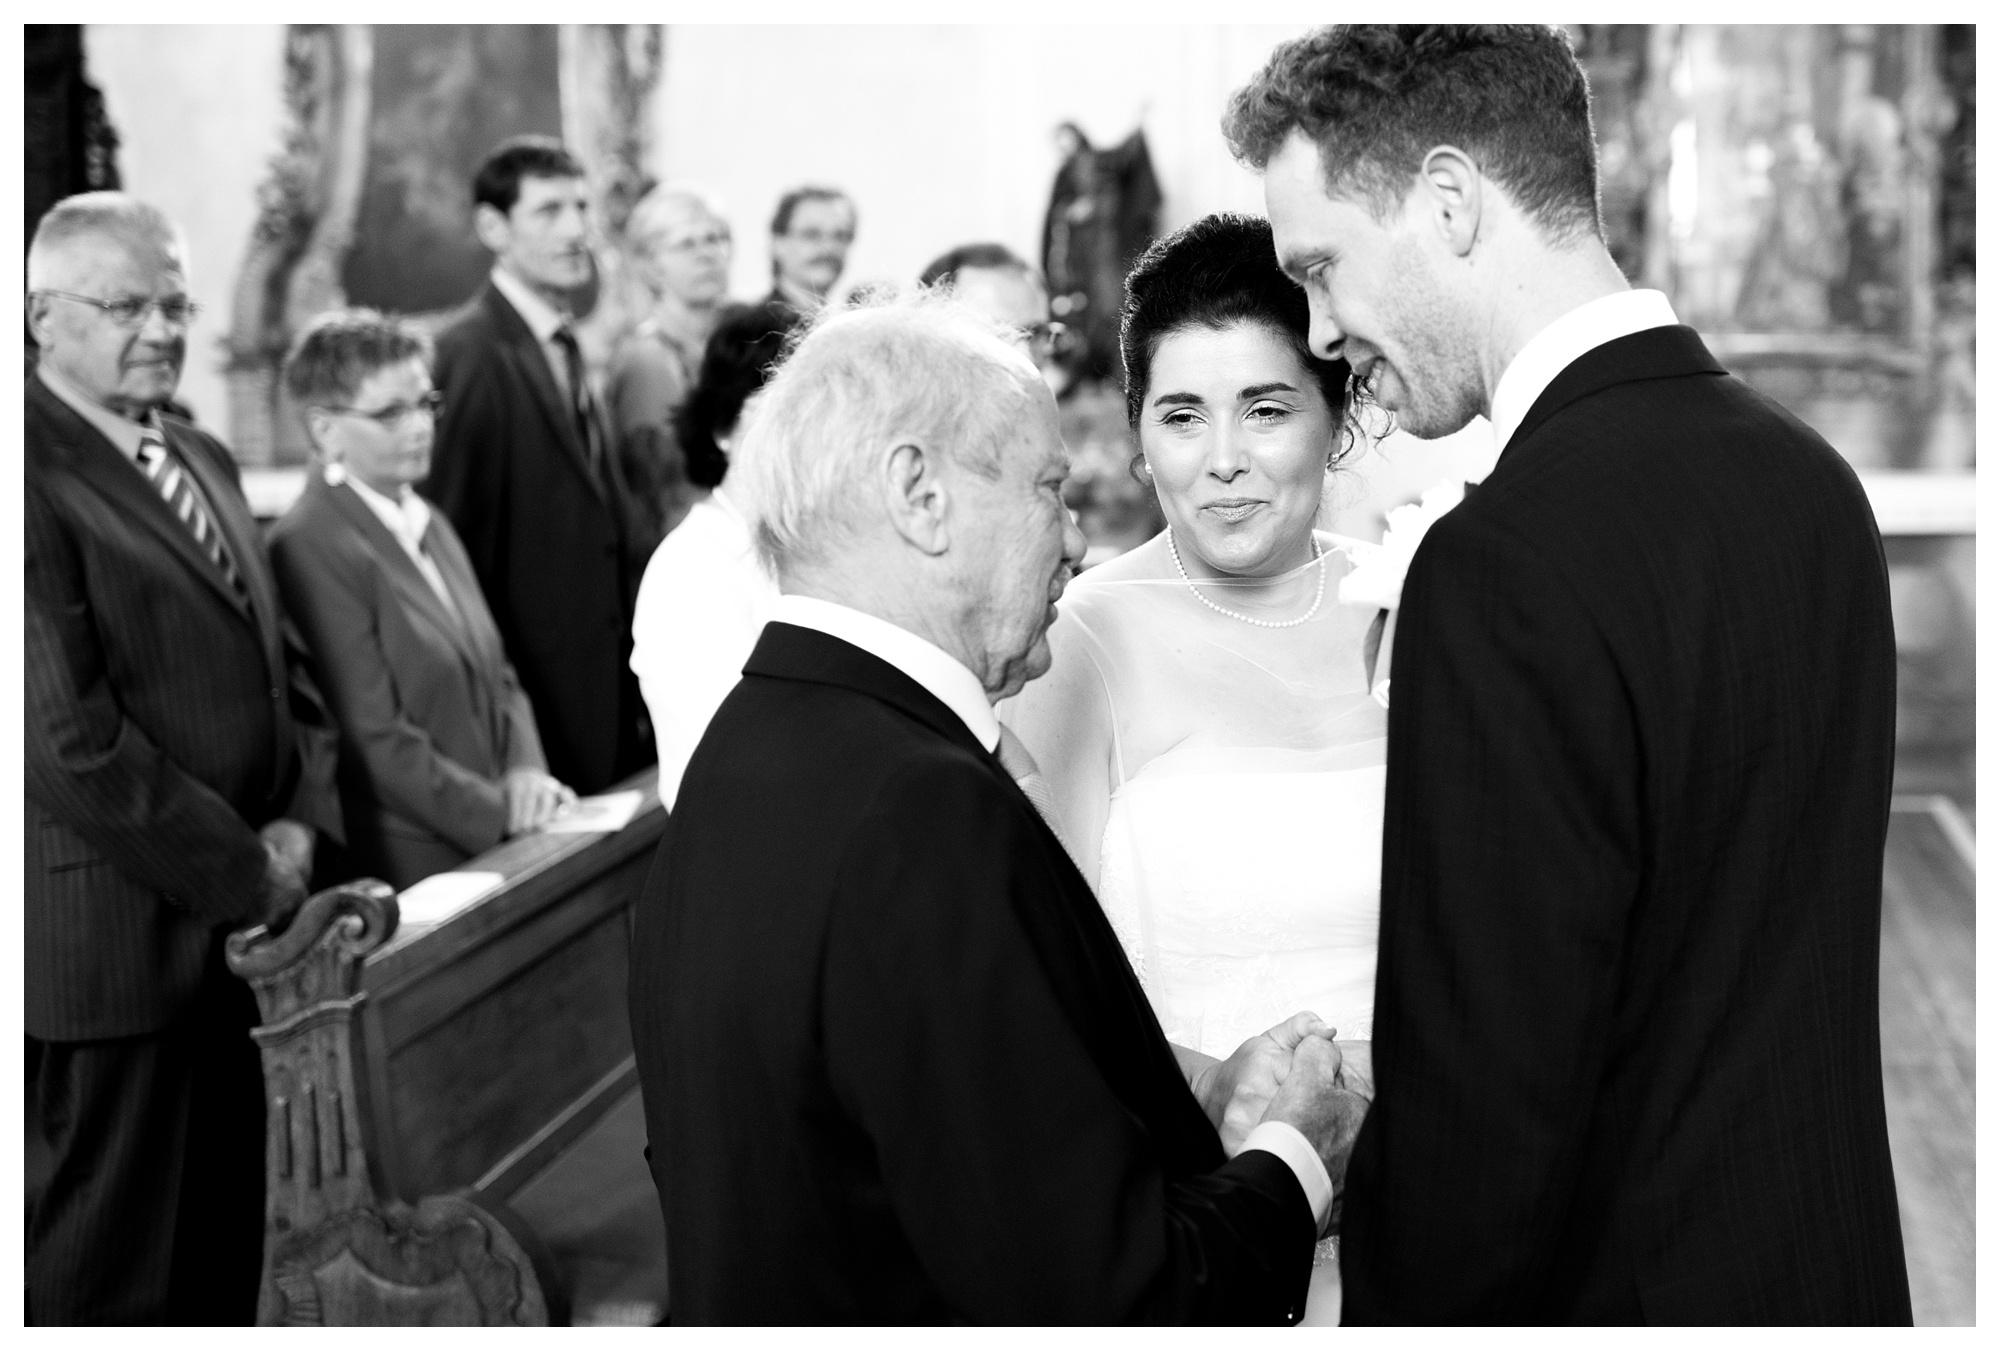 Fotograf Konstanz - Hochzeit Tanja Elmar Elmar Feuerbacher Photography Konstanz Messkirch Highlights 025 - Hochzeitsreportage von Tanja und Elmar im Schloss Meßkirch  - 129 -